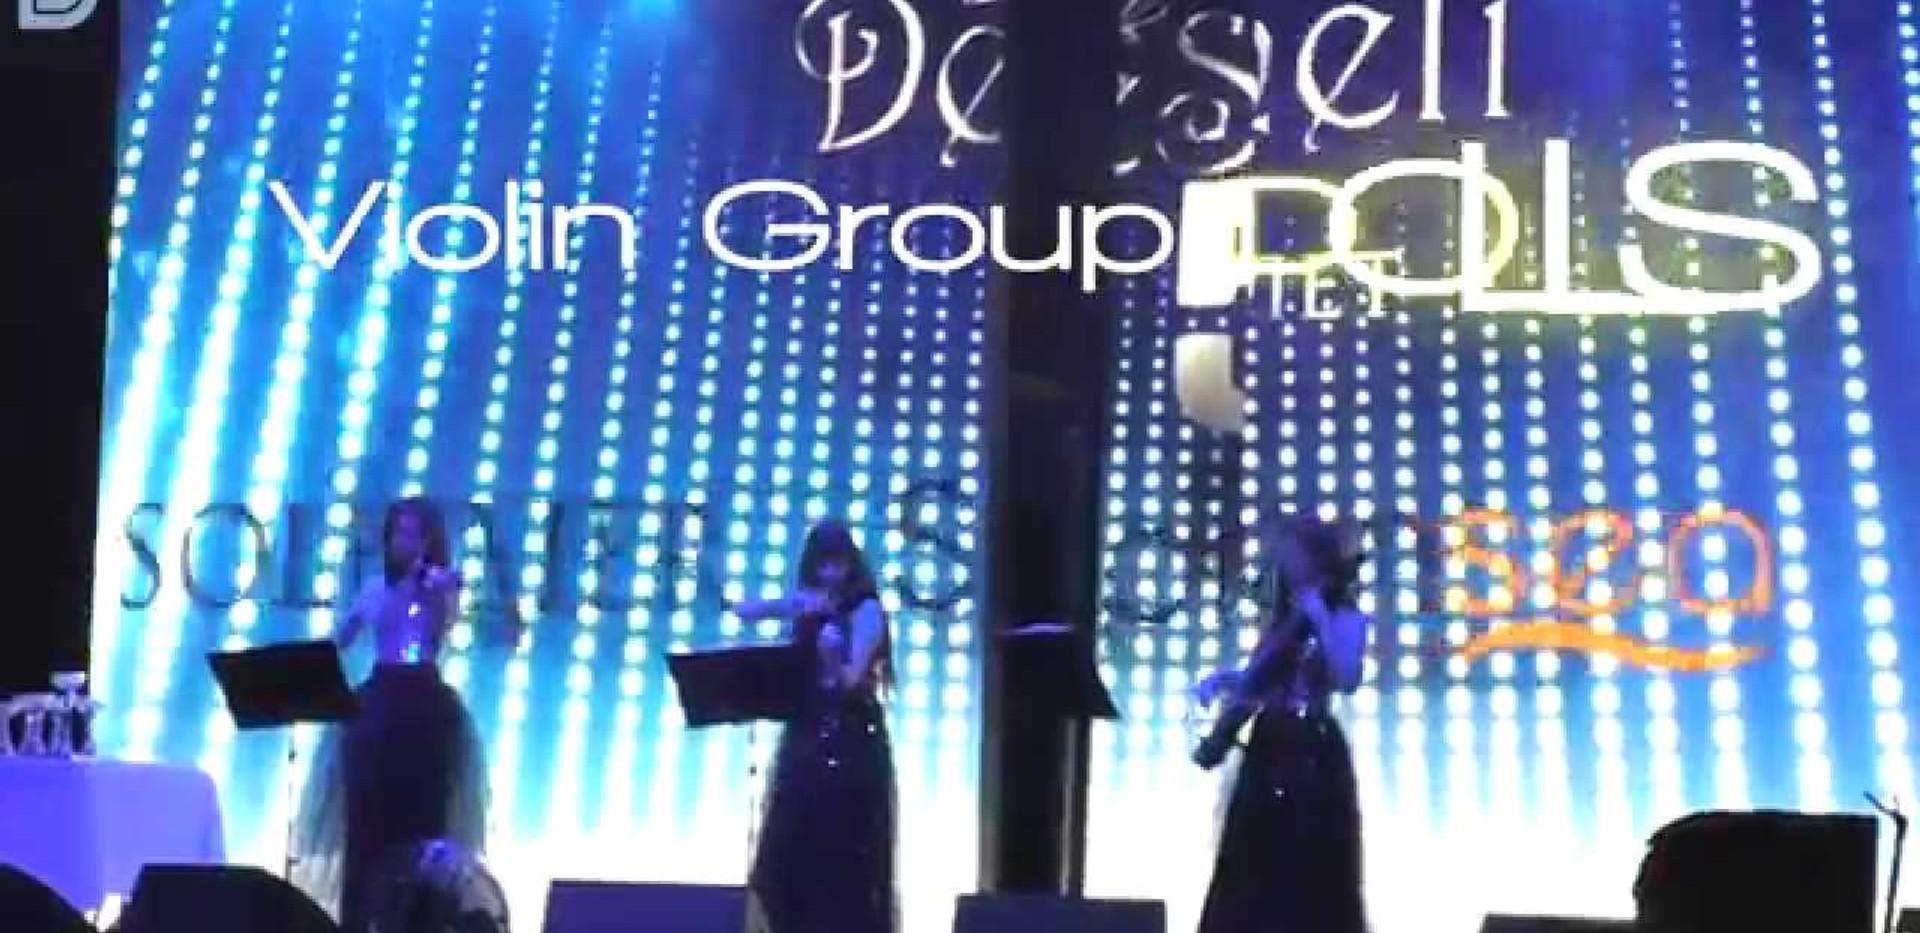 Праздничный вечер компании DESHELI в клубе ICON